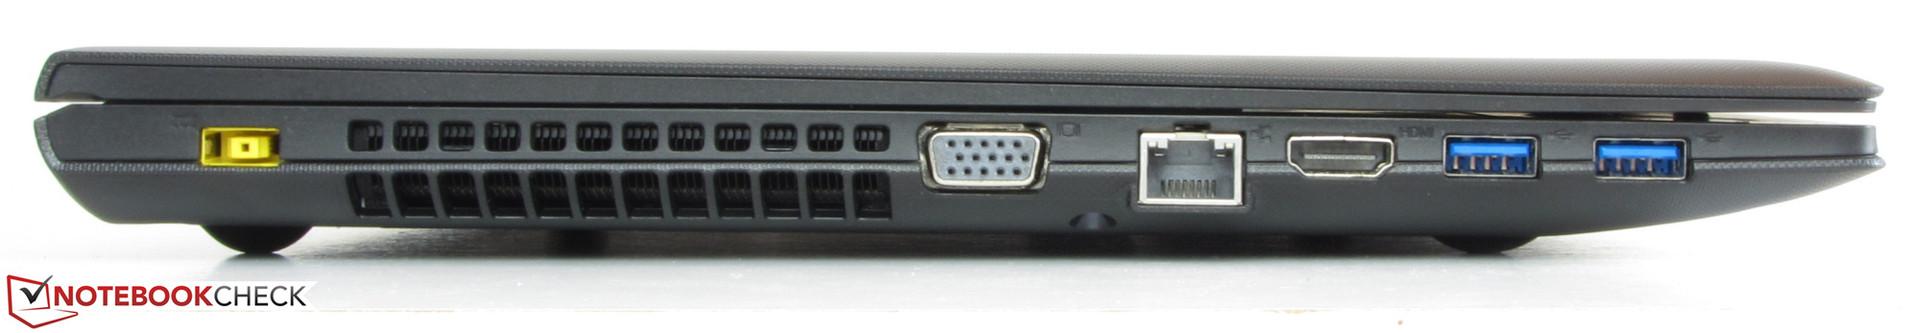 Скачать сетевой драйвер для ноутбука lenovo g500